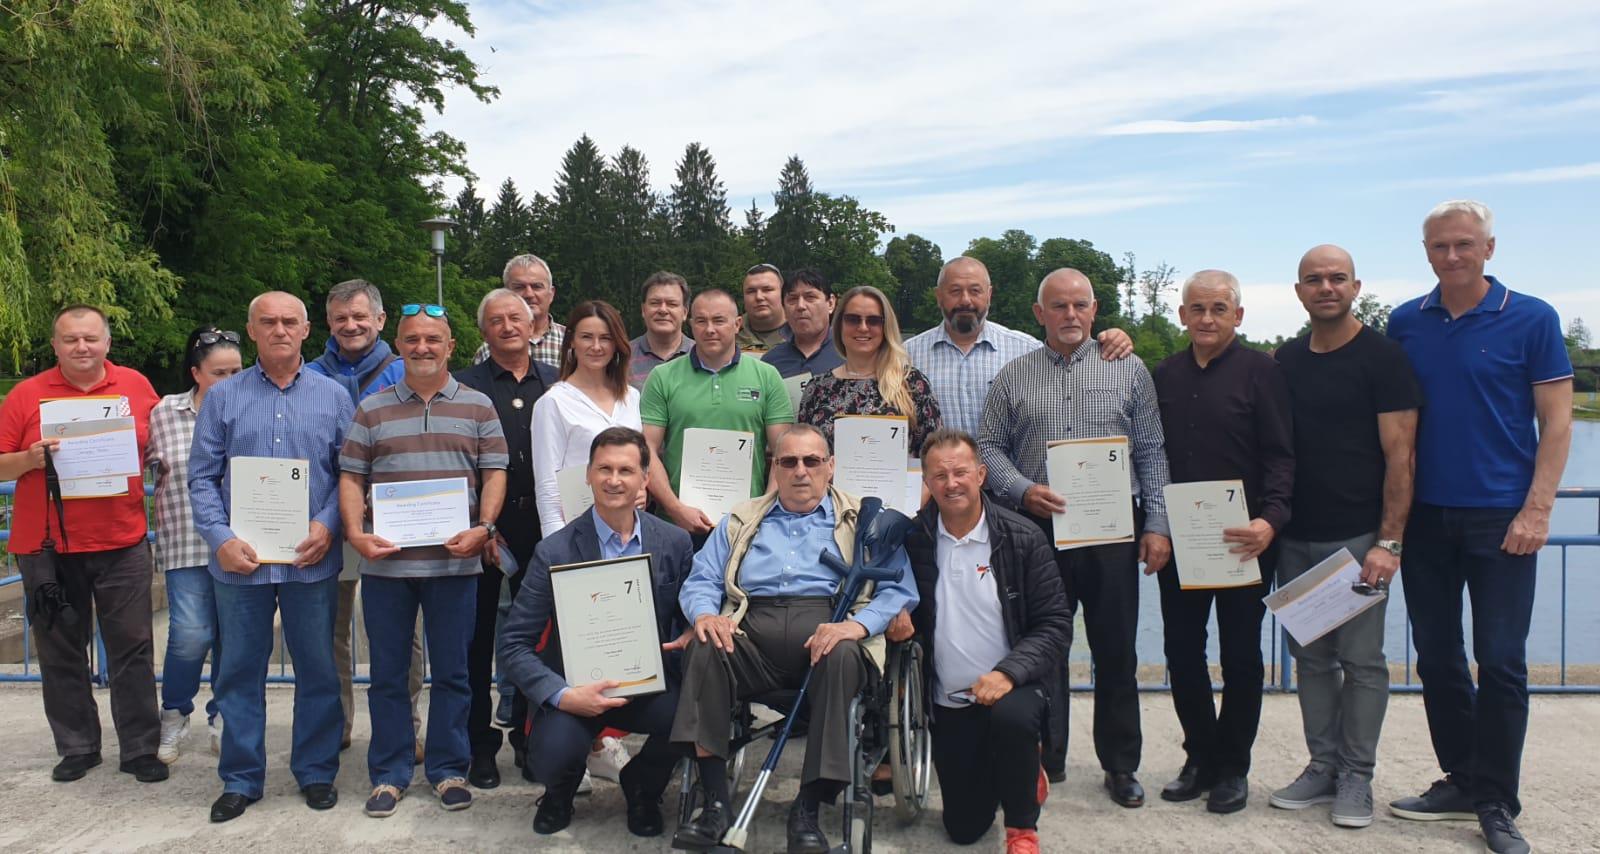 Obilježena 50. godišnjica Taekwondo sporta u Hrvatskoj - Nagrađeni i naši Bjelovarčani